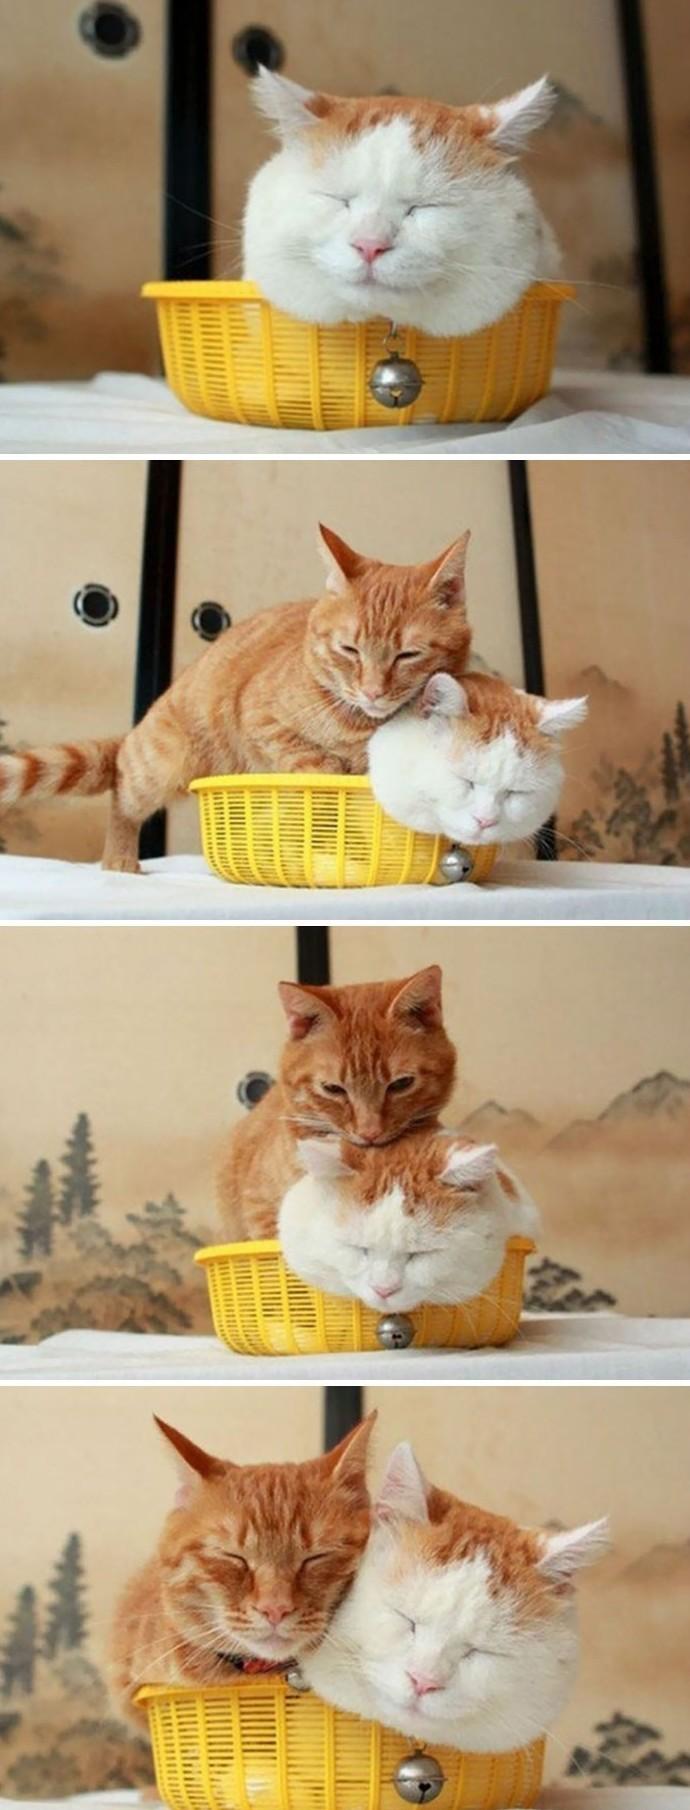 Коты, которые обожают маленькие пространства животные, коты, фото., юмор